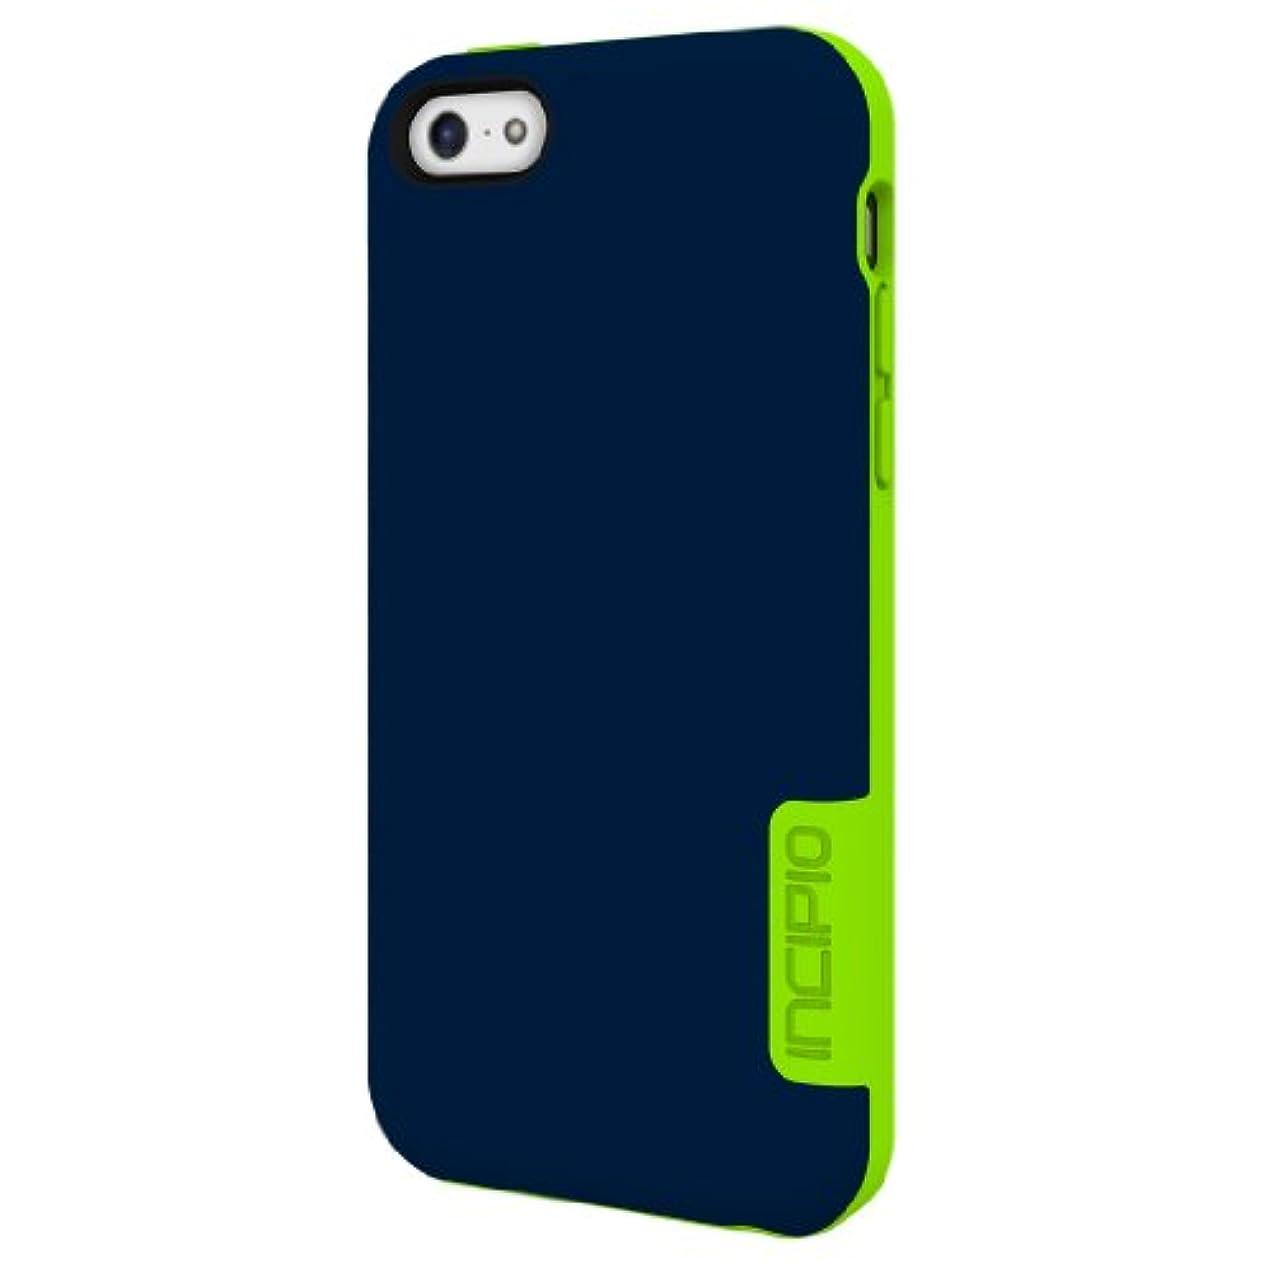 ボランティア伝記オフセットIncipio Technologies 【iPhone 5c対応フレッキシブルハードシェルケース】 OVRMLD ブルー/ライム IPH-1147-BLU